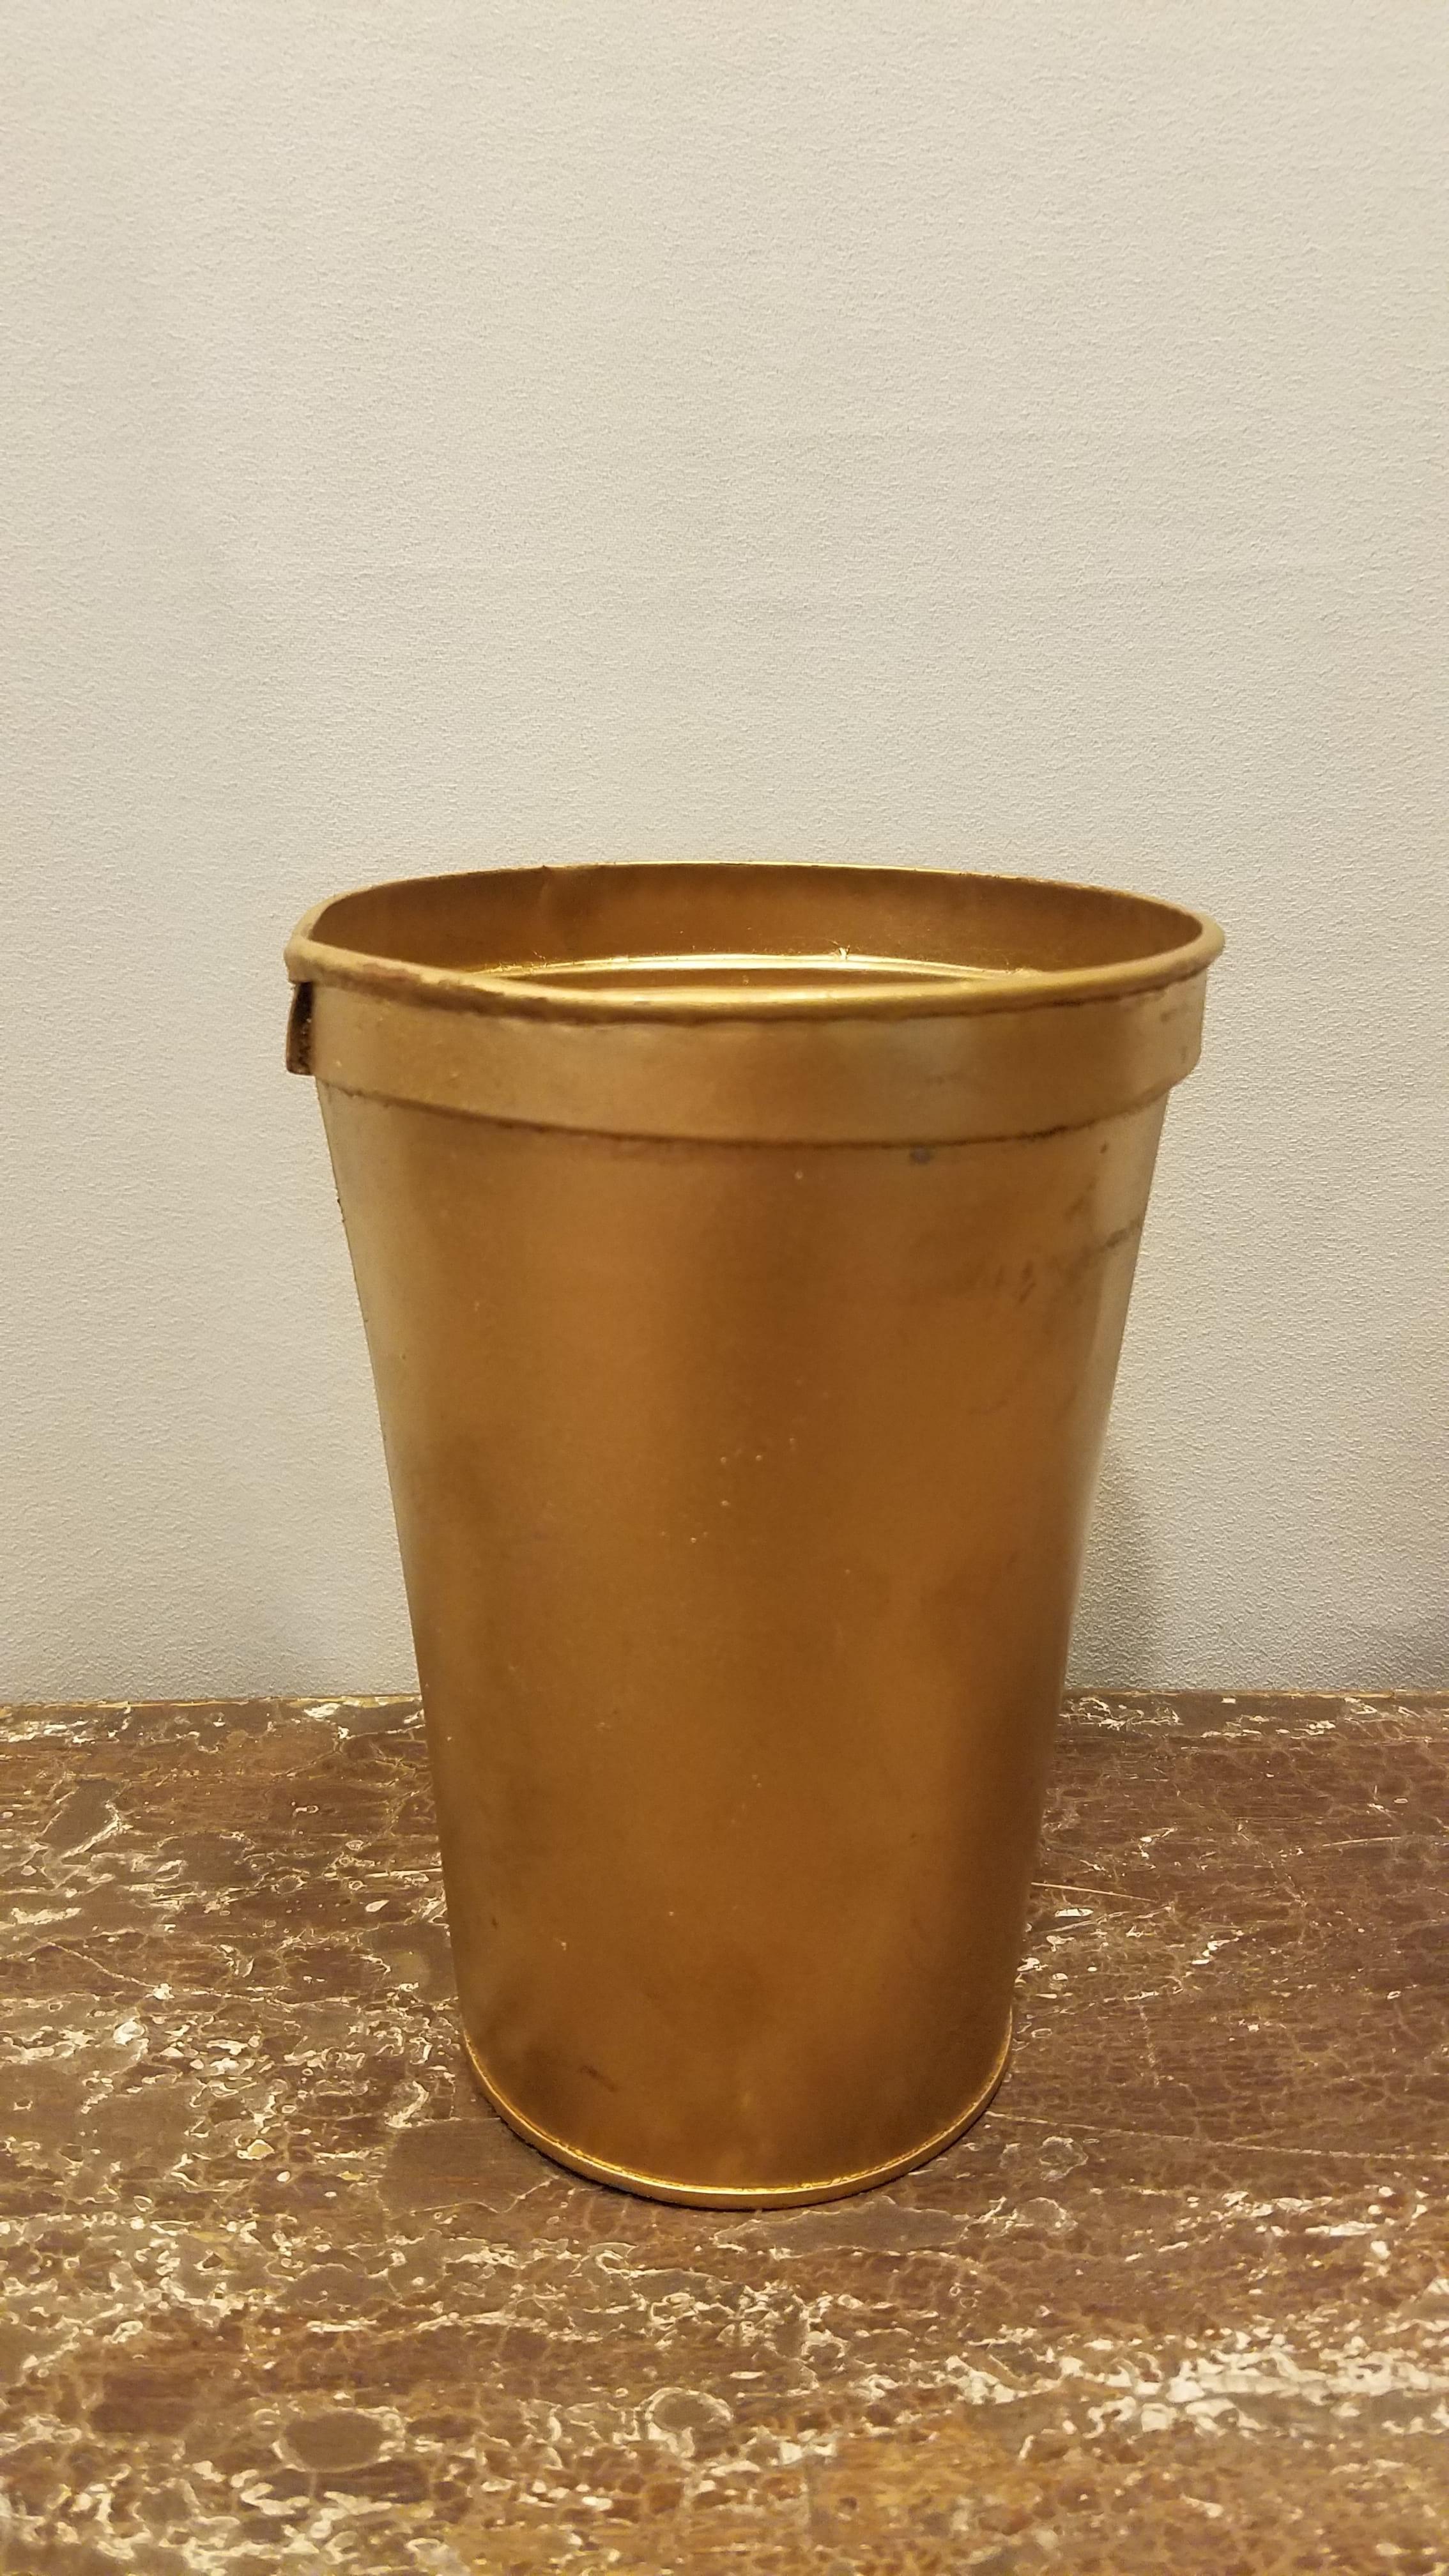 Bucket - Gold Metal